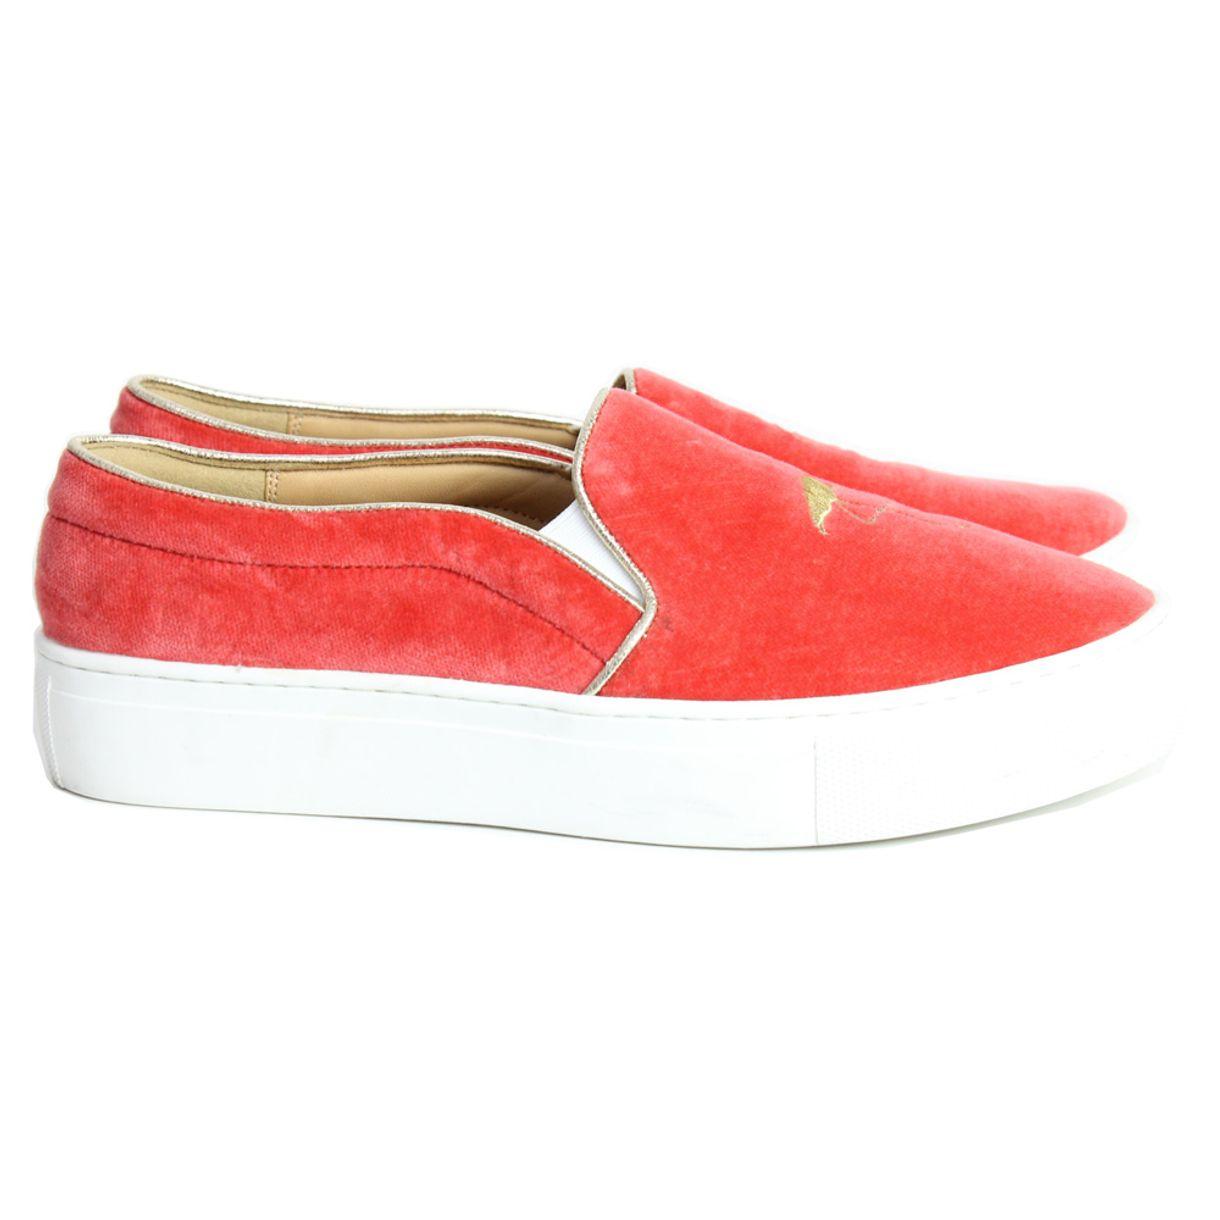 slipper-bing-xu-veludo-coral-flamingo